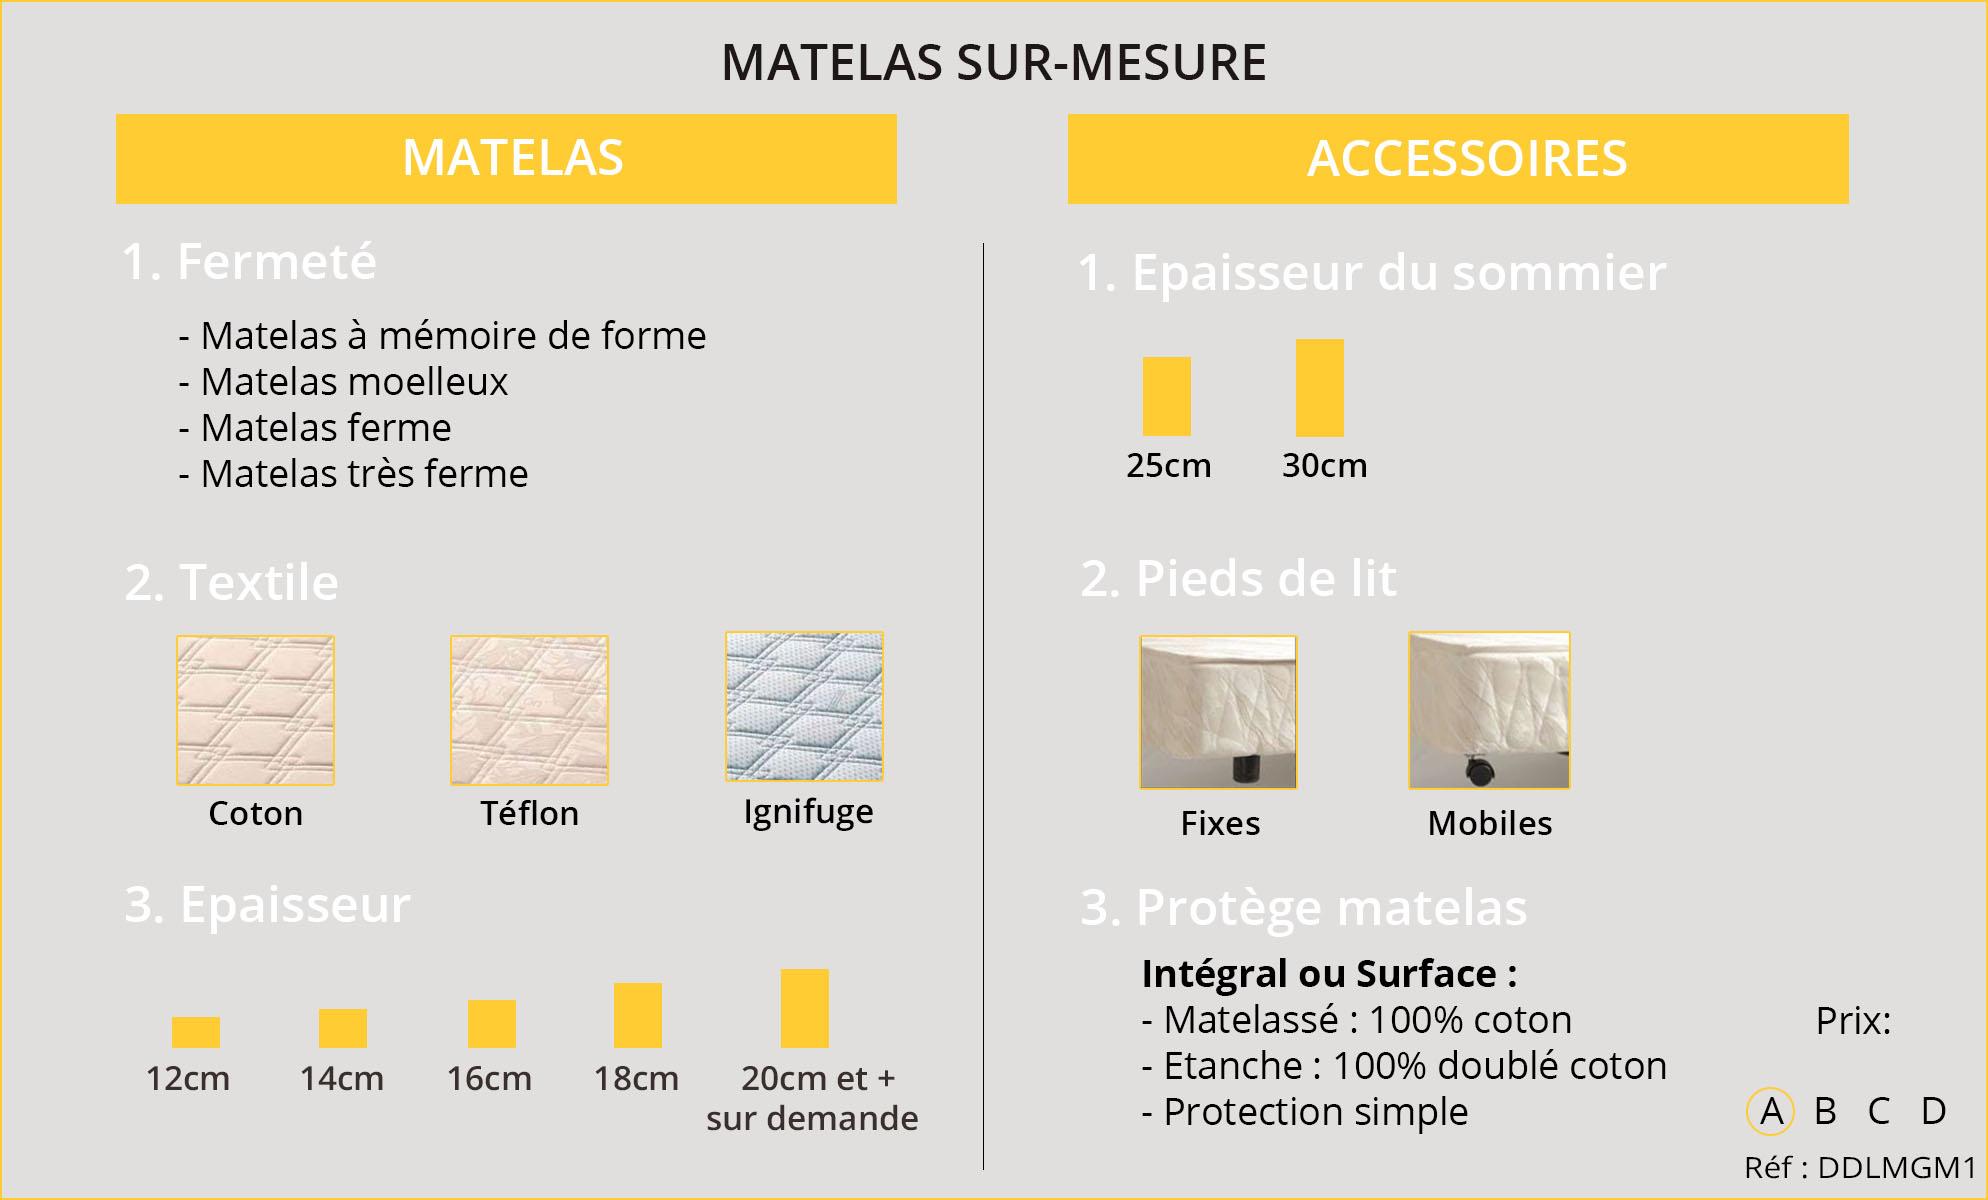 Rideaux-Hôtels Matelas Sur-Mesure